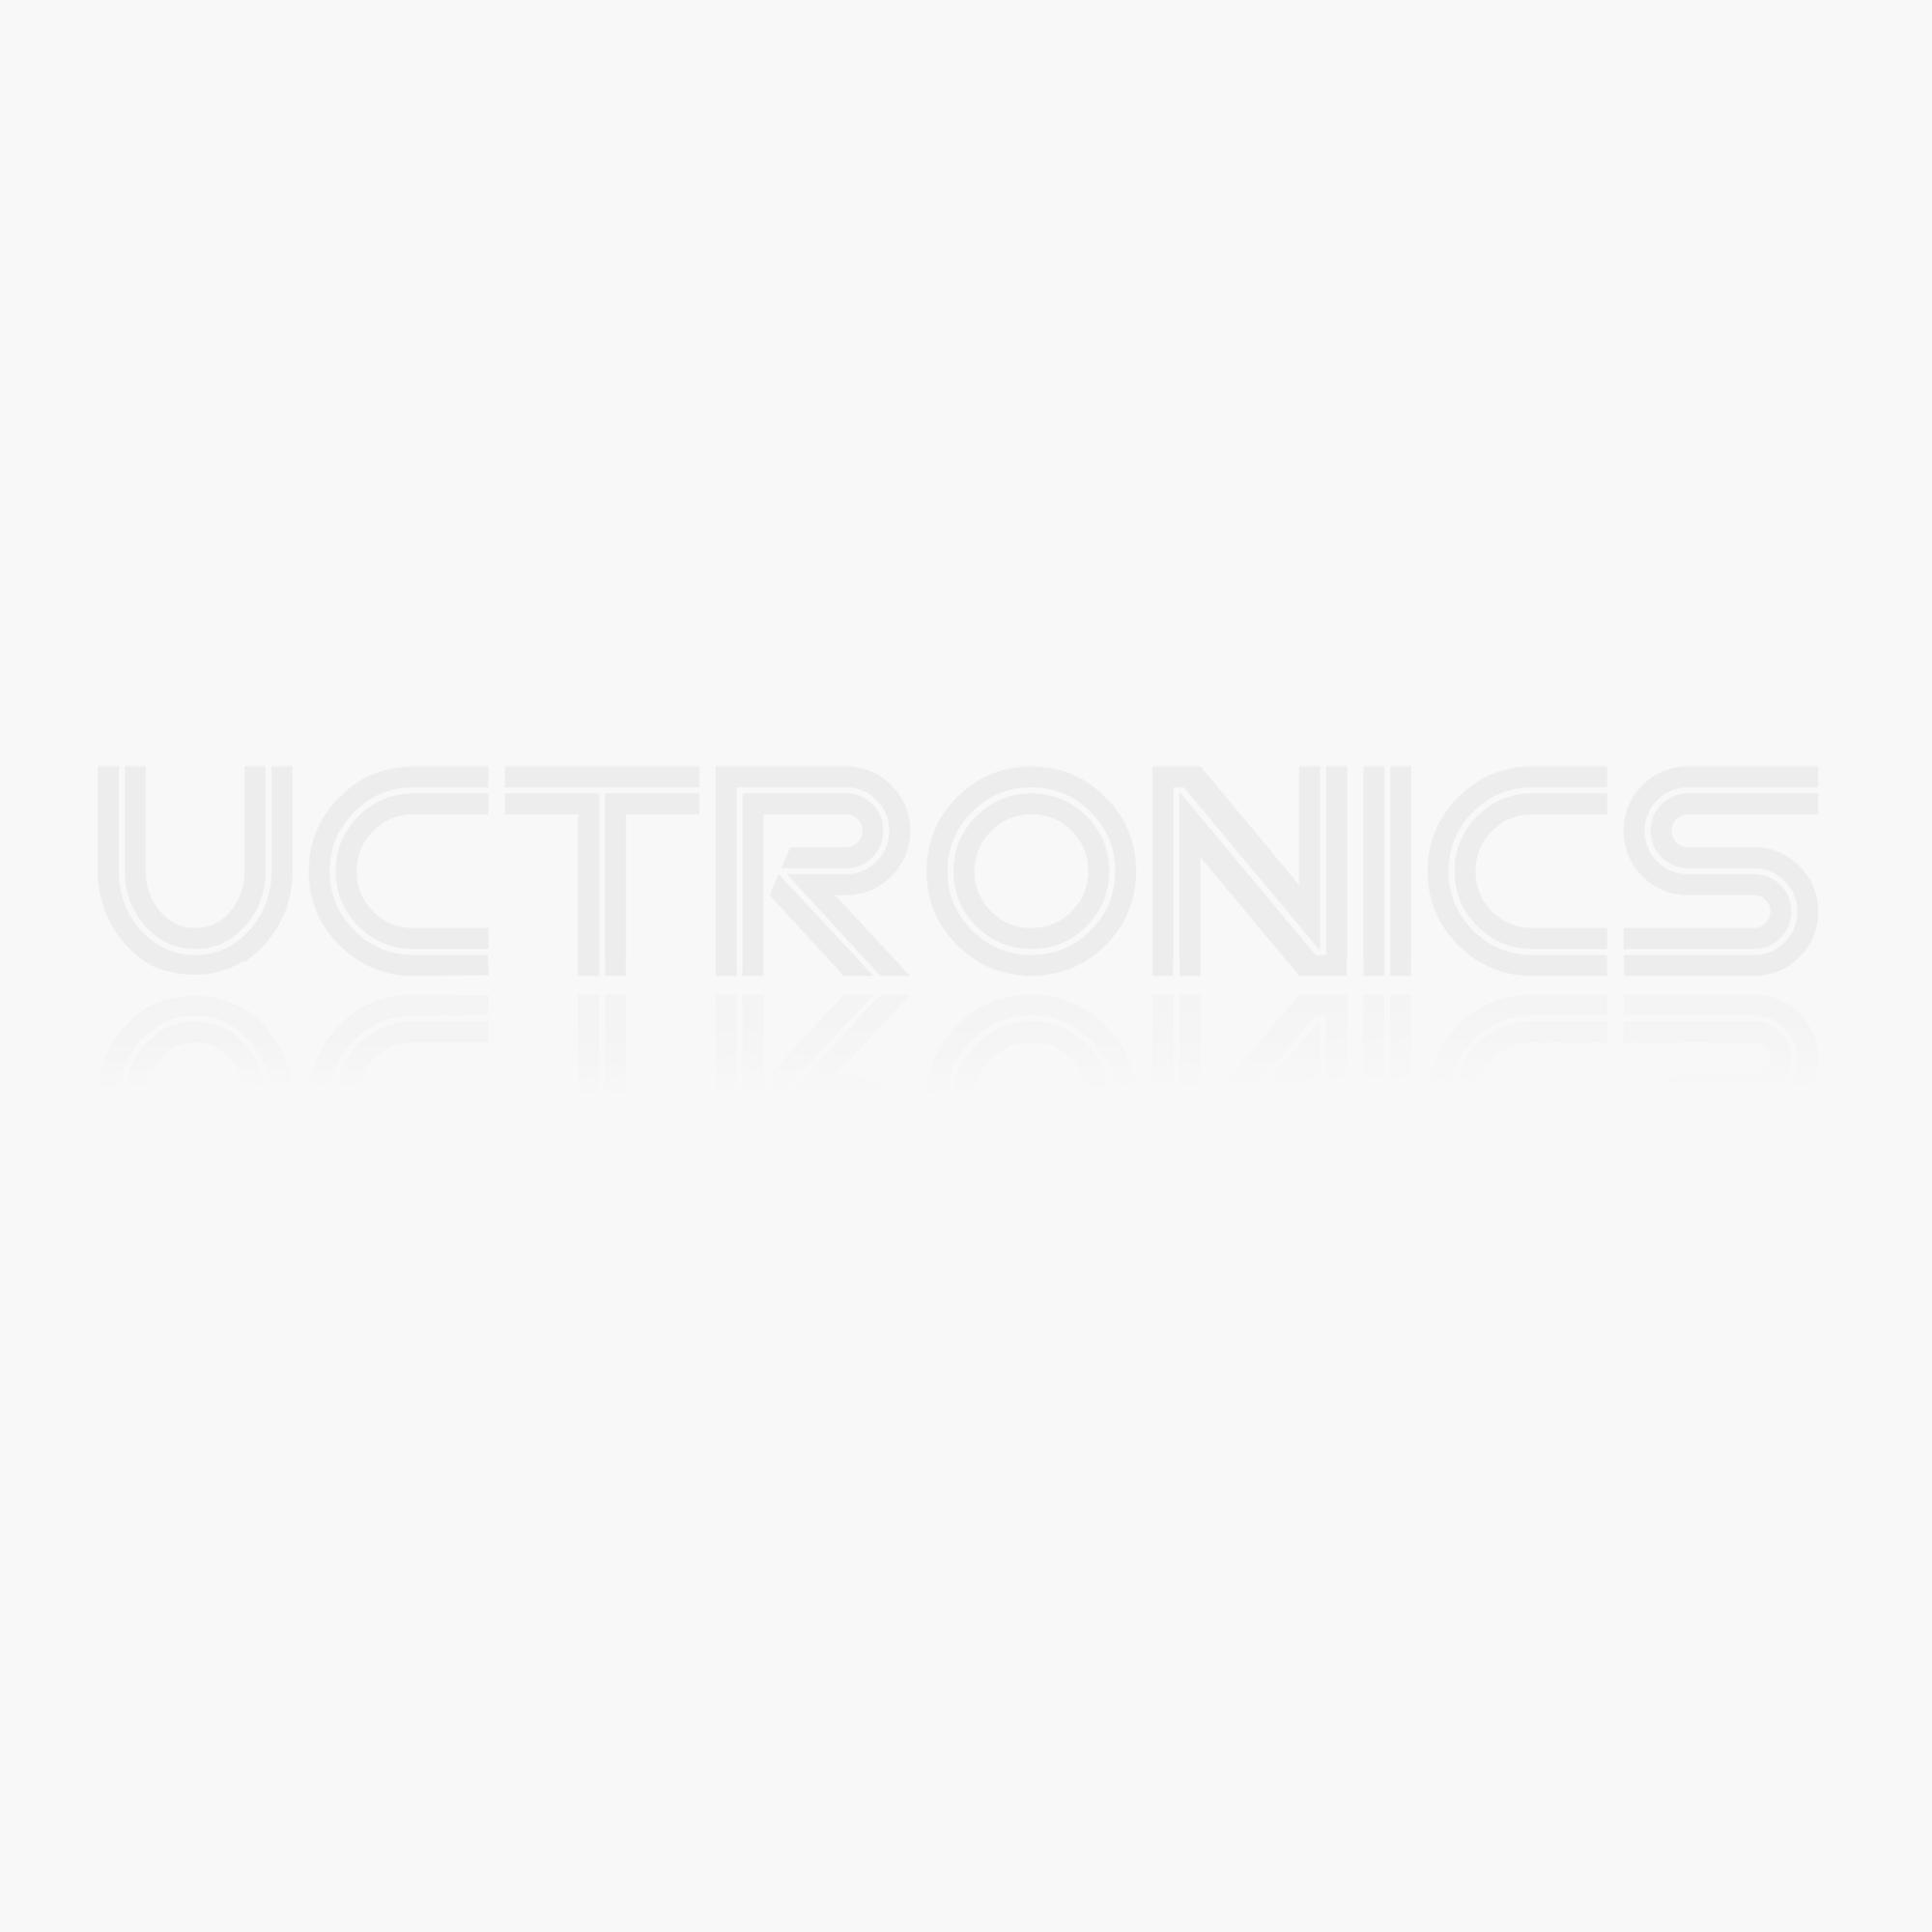 V18D Digital DC 2.5-30V Voltage Meter Red Self-Powered